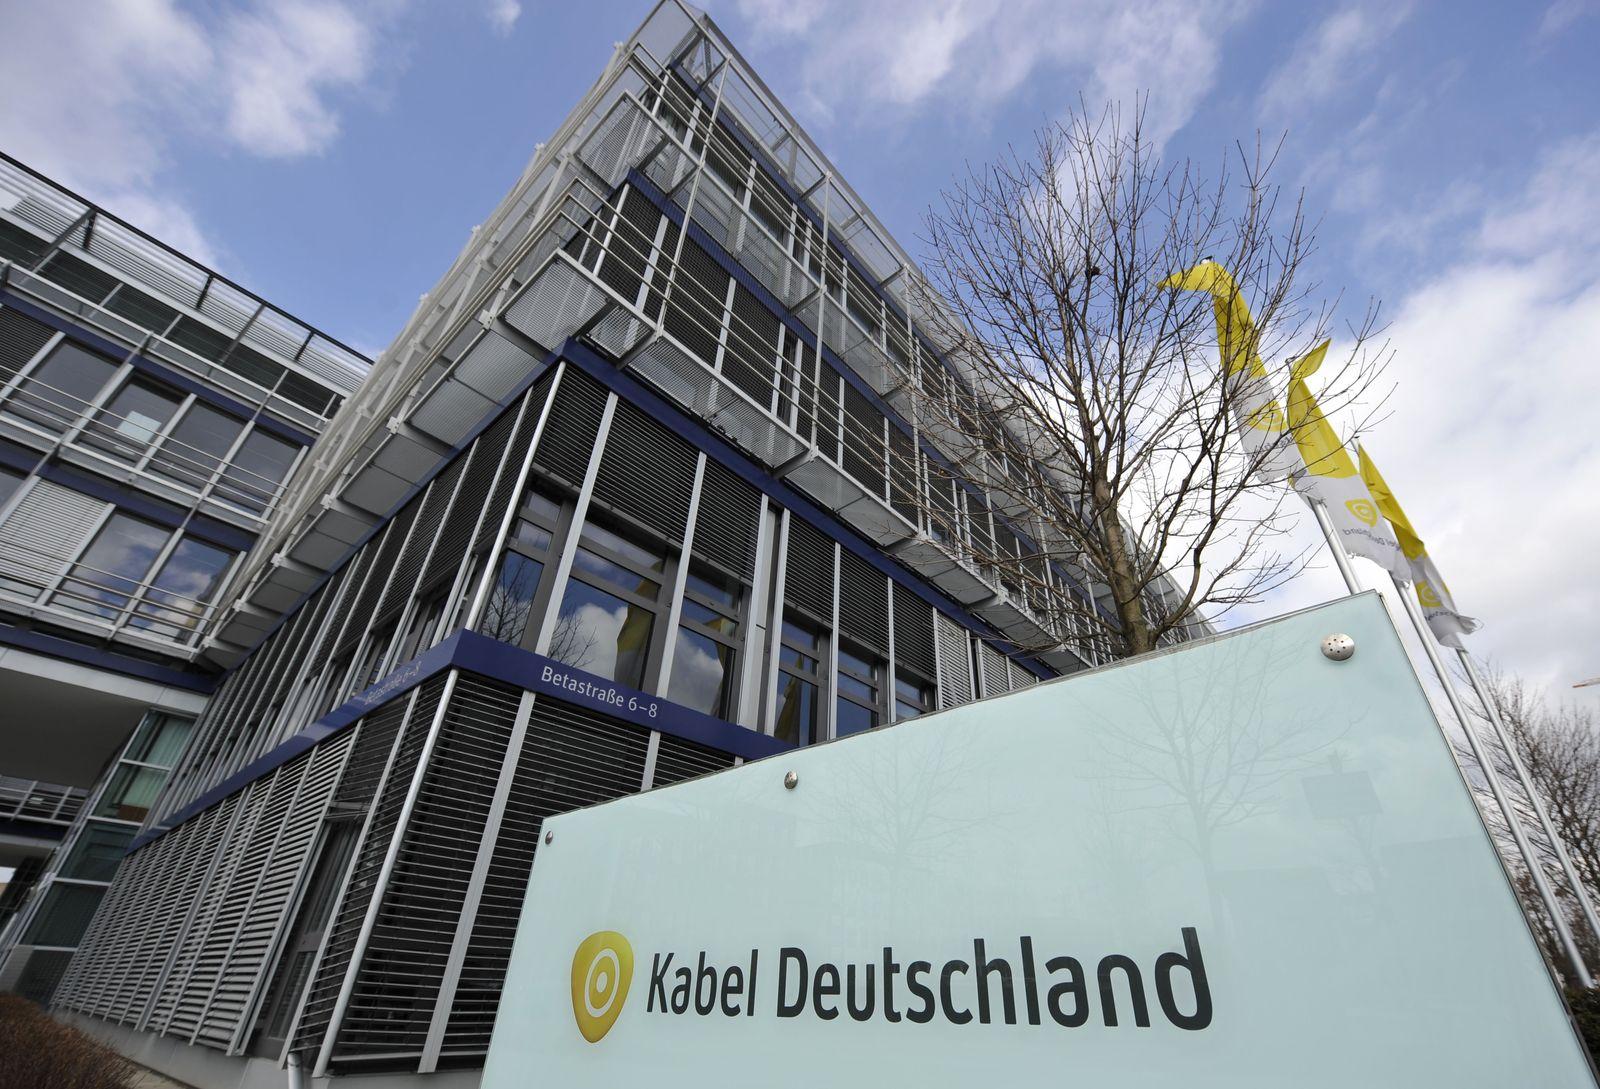 NICHT VERWENDEN Kabel Deutschland / Zentrale